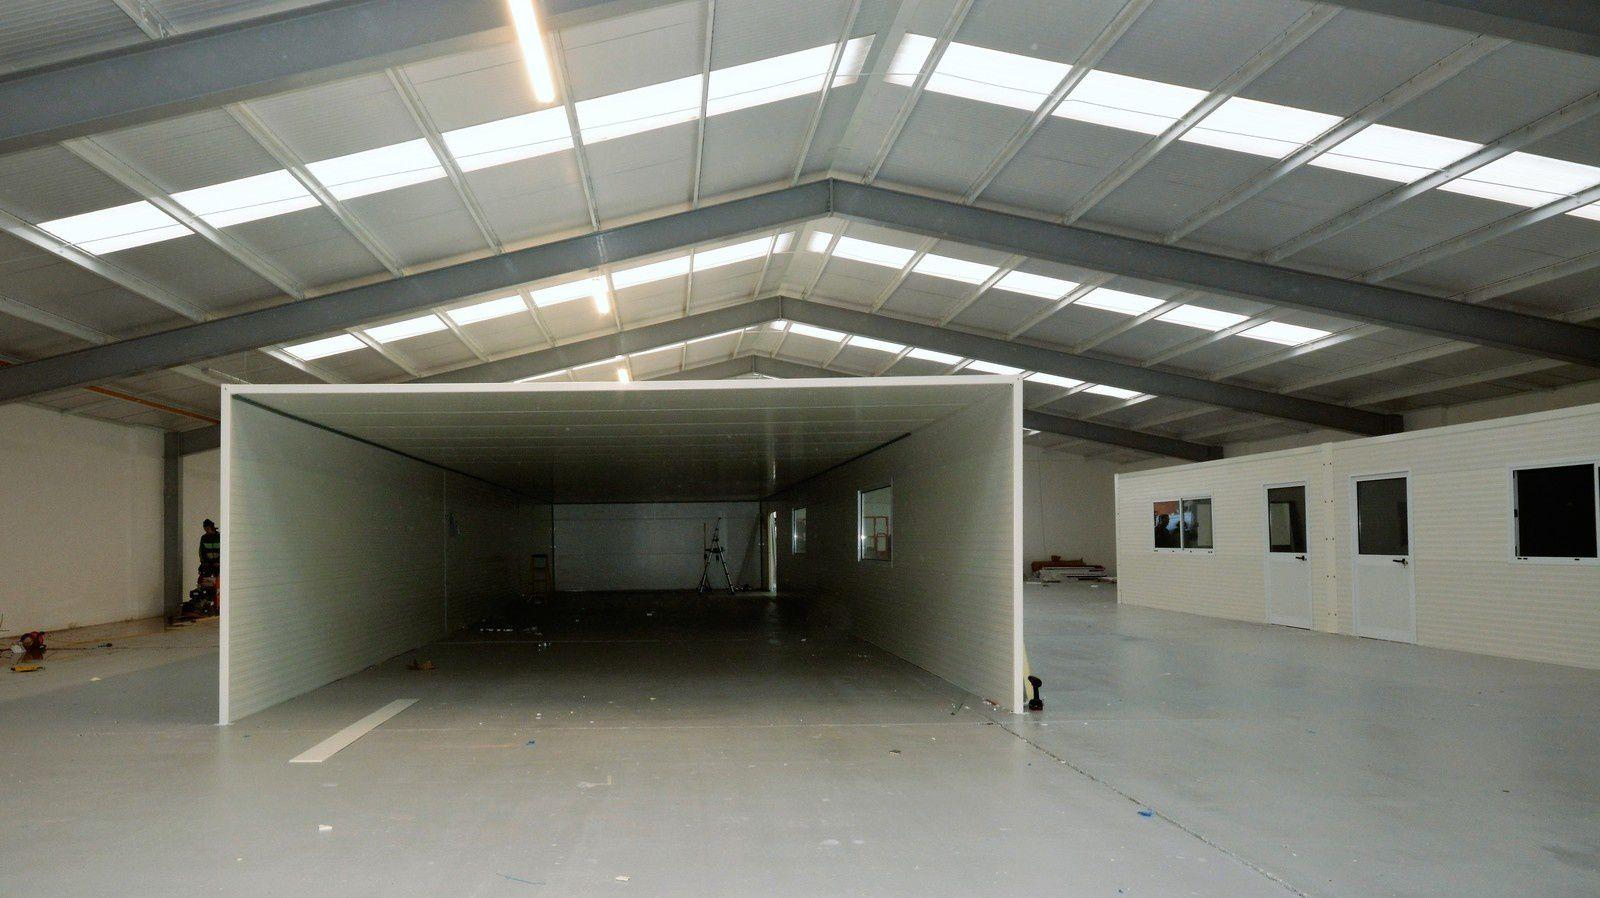 Bureaux et salle de préparation dans un vaste hangar à Derby